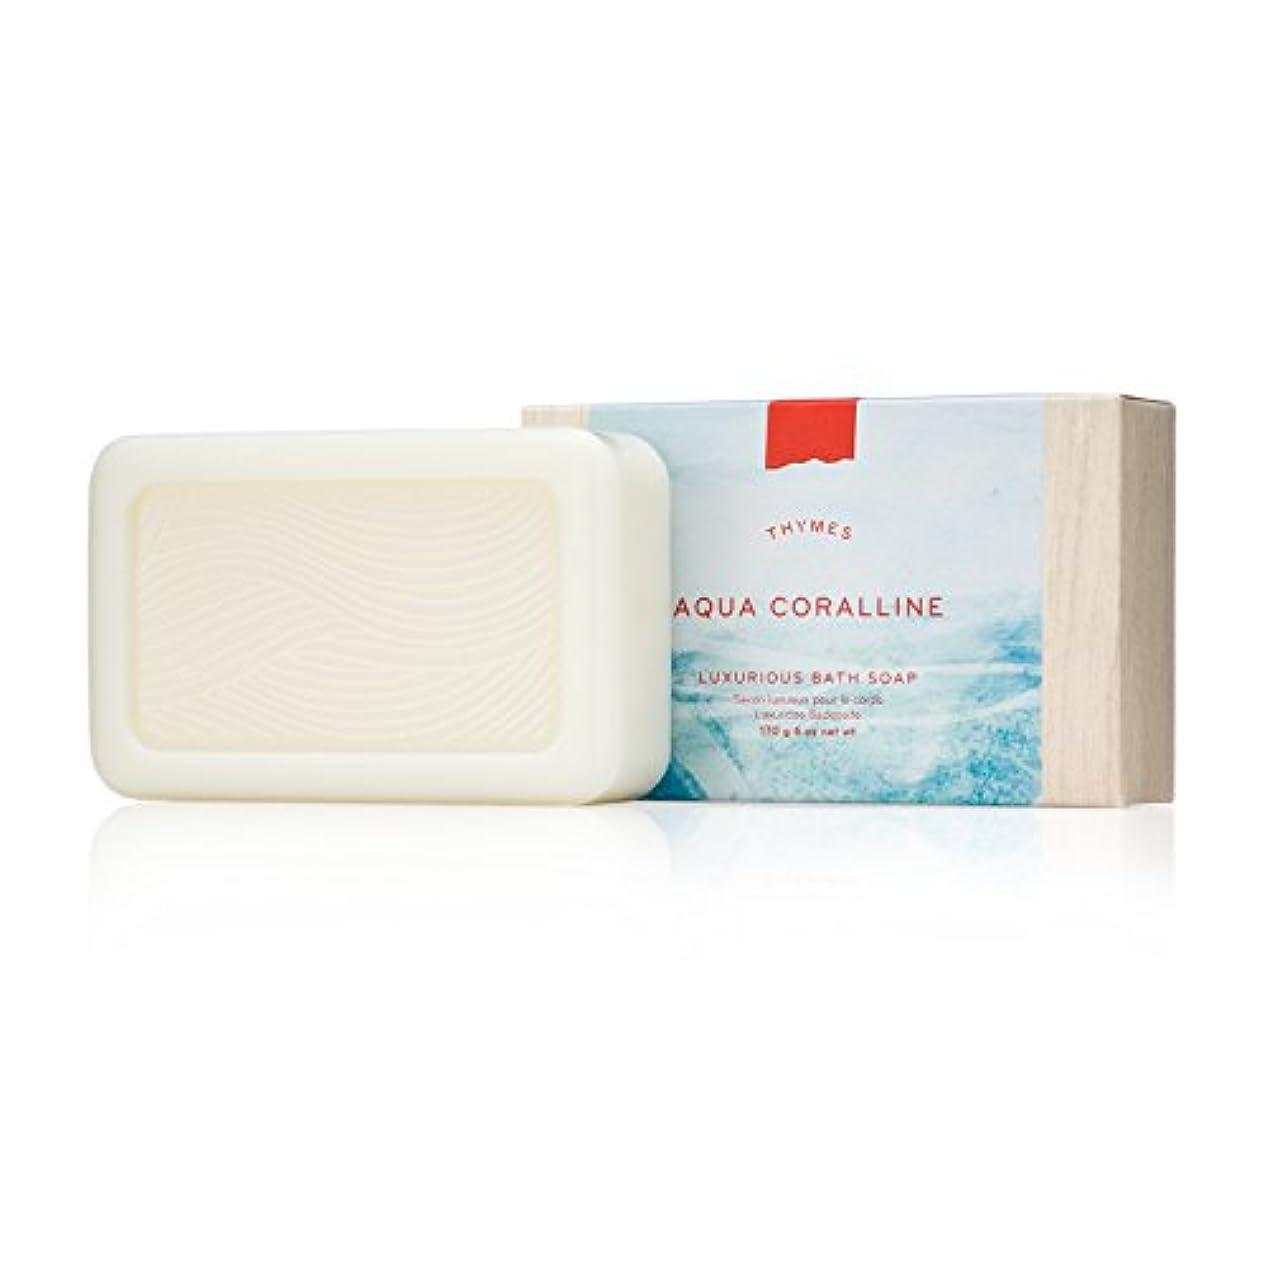 直接気質マウスピースタイムズ Aqua Coralline Luxurious Bath Soap 170g/6oz並行輸入品